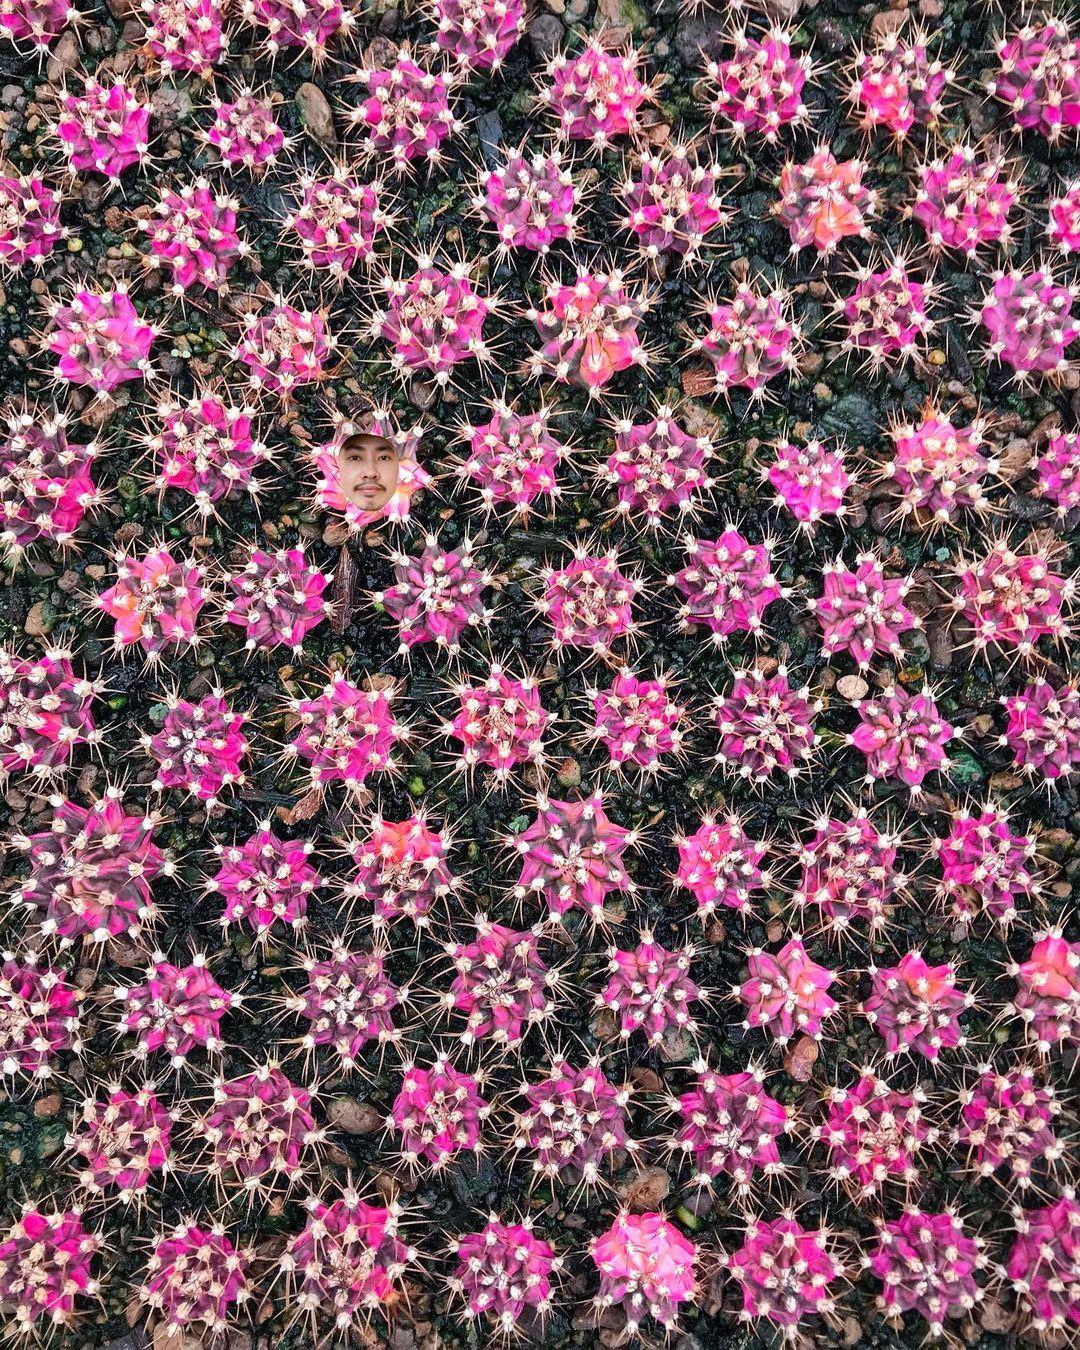 Кактусы и другие растения на снимках Ваширапола Дипрома